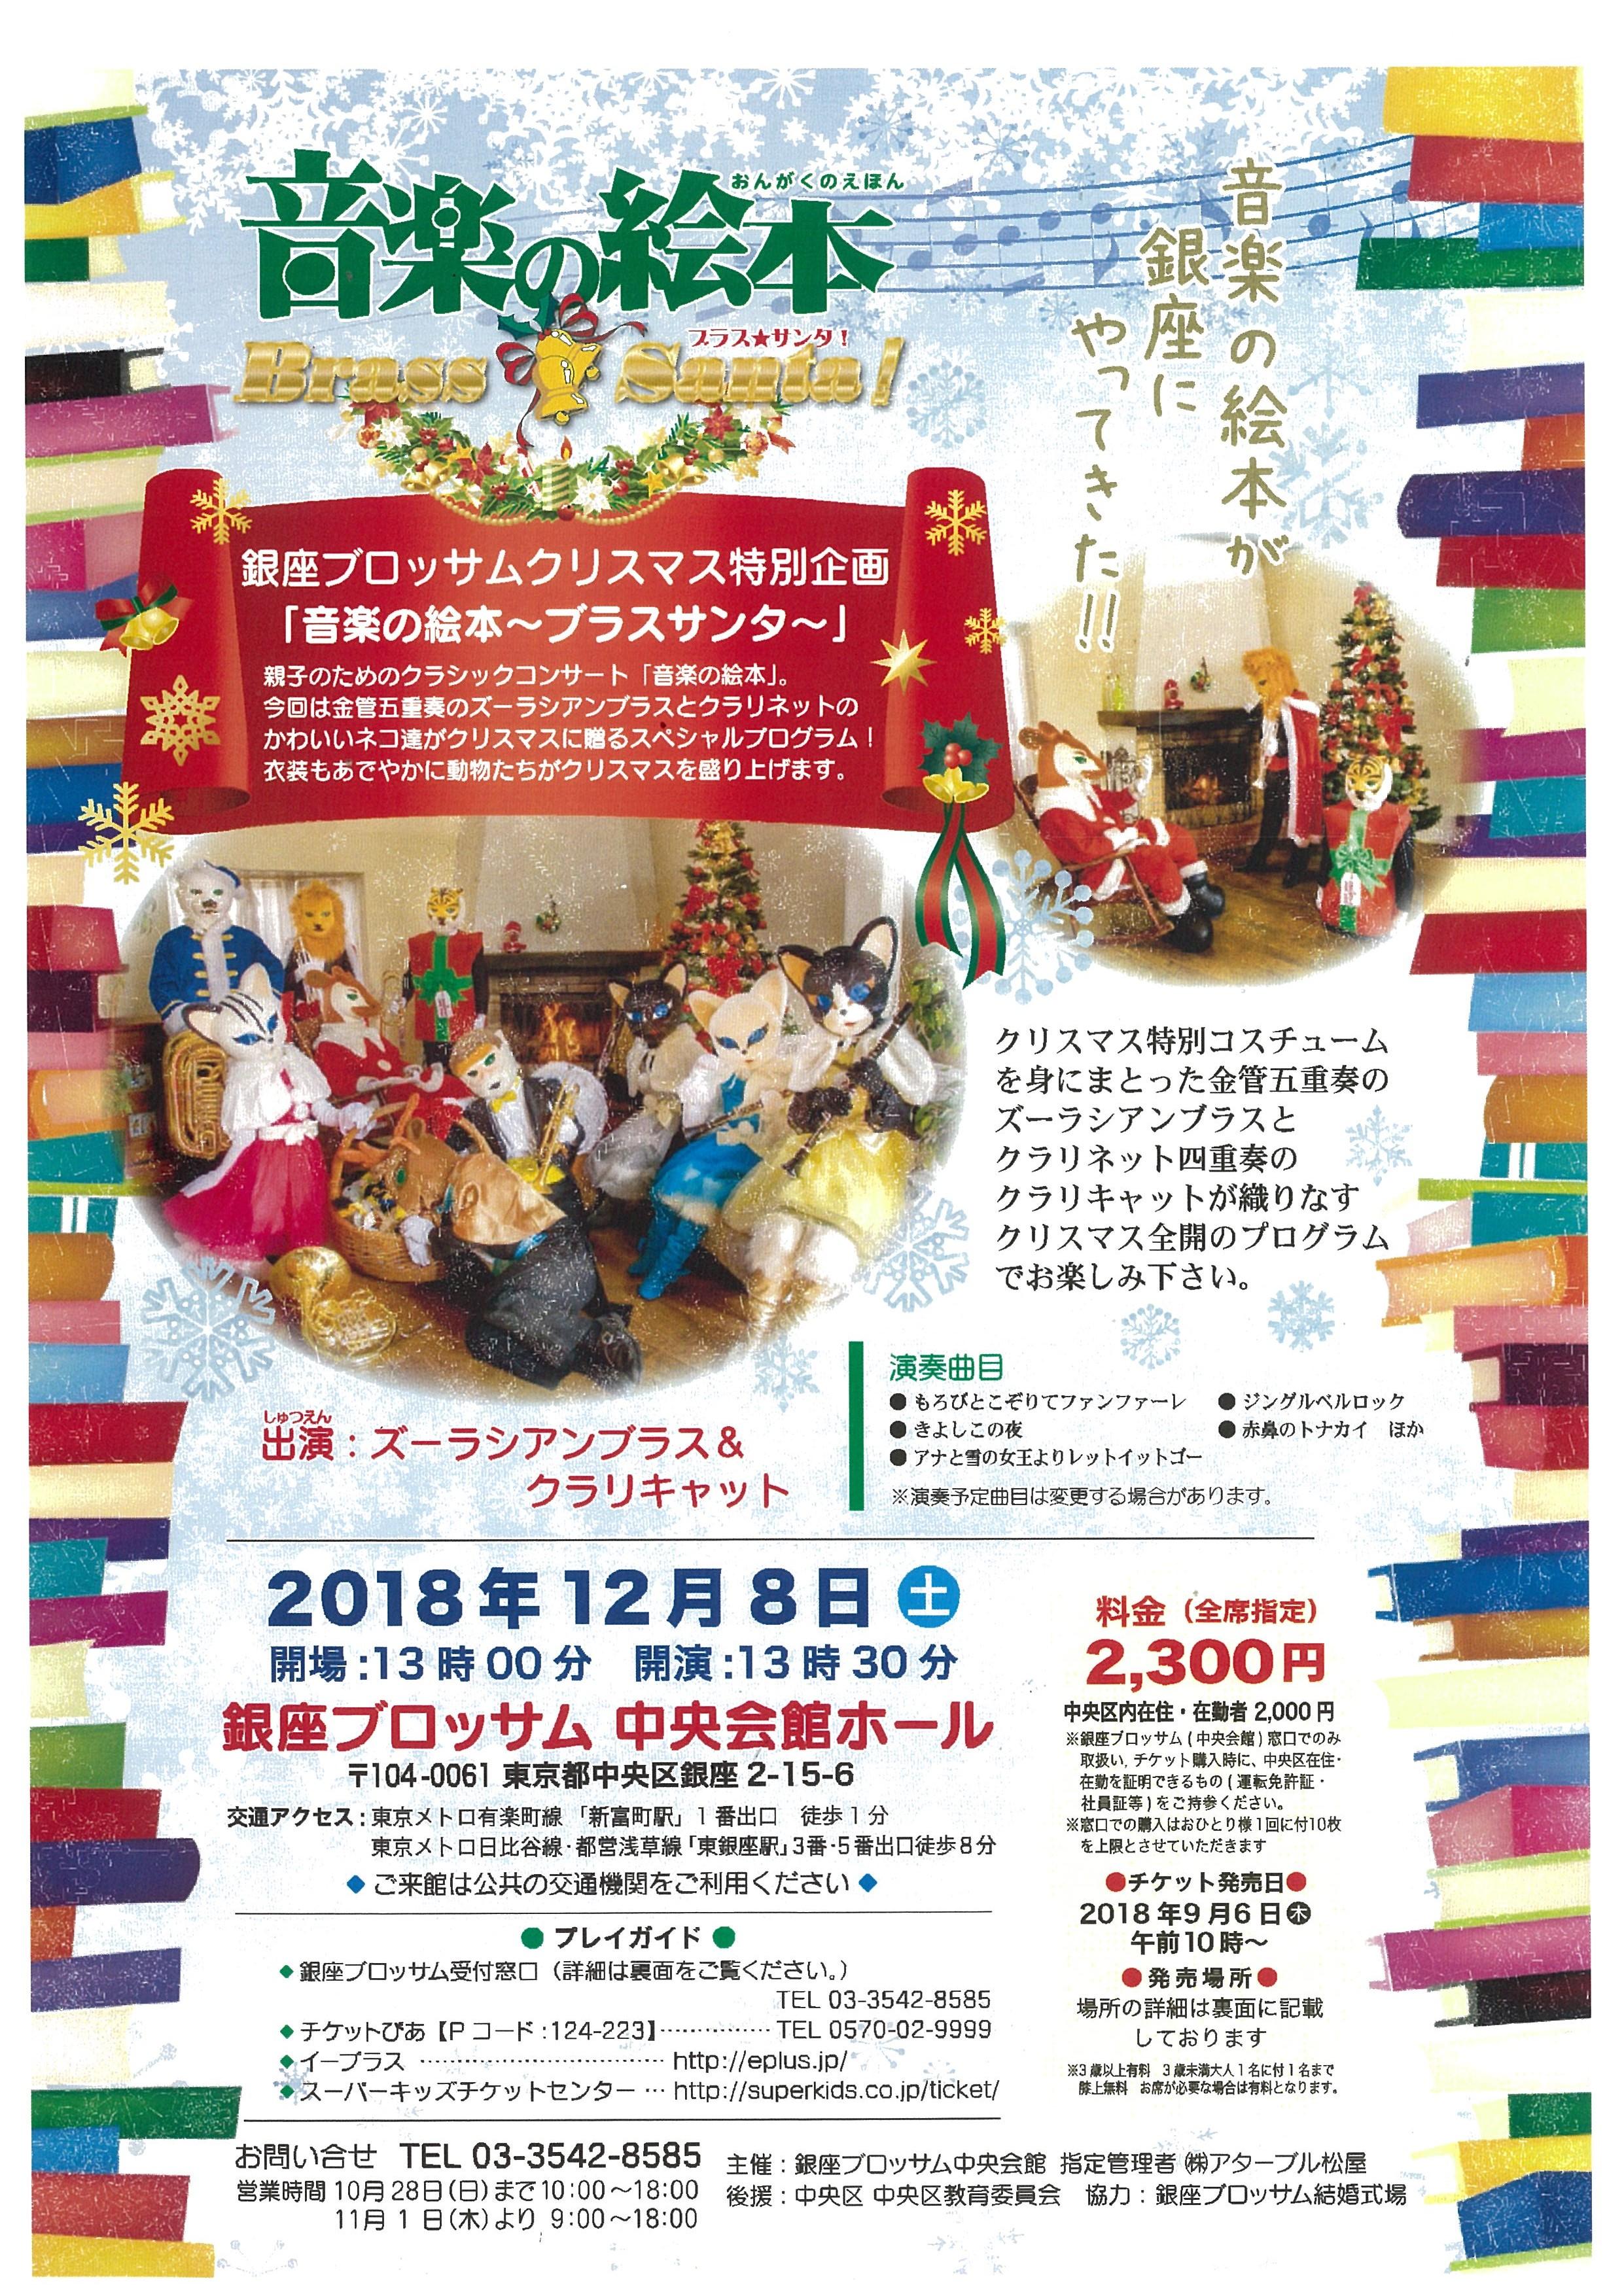 銀座ブロッサムクリスマス特別企画第7回♪音楽の絵本♪ズーラシアンブラス・クラリキャット